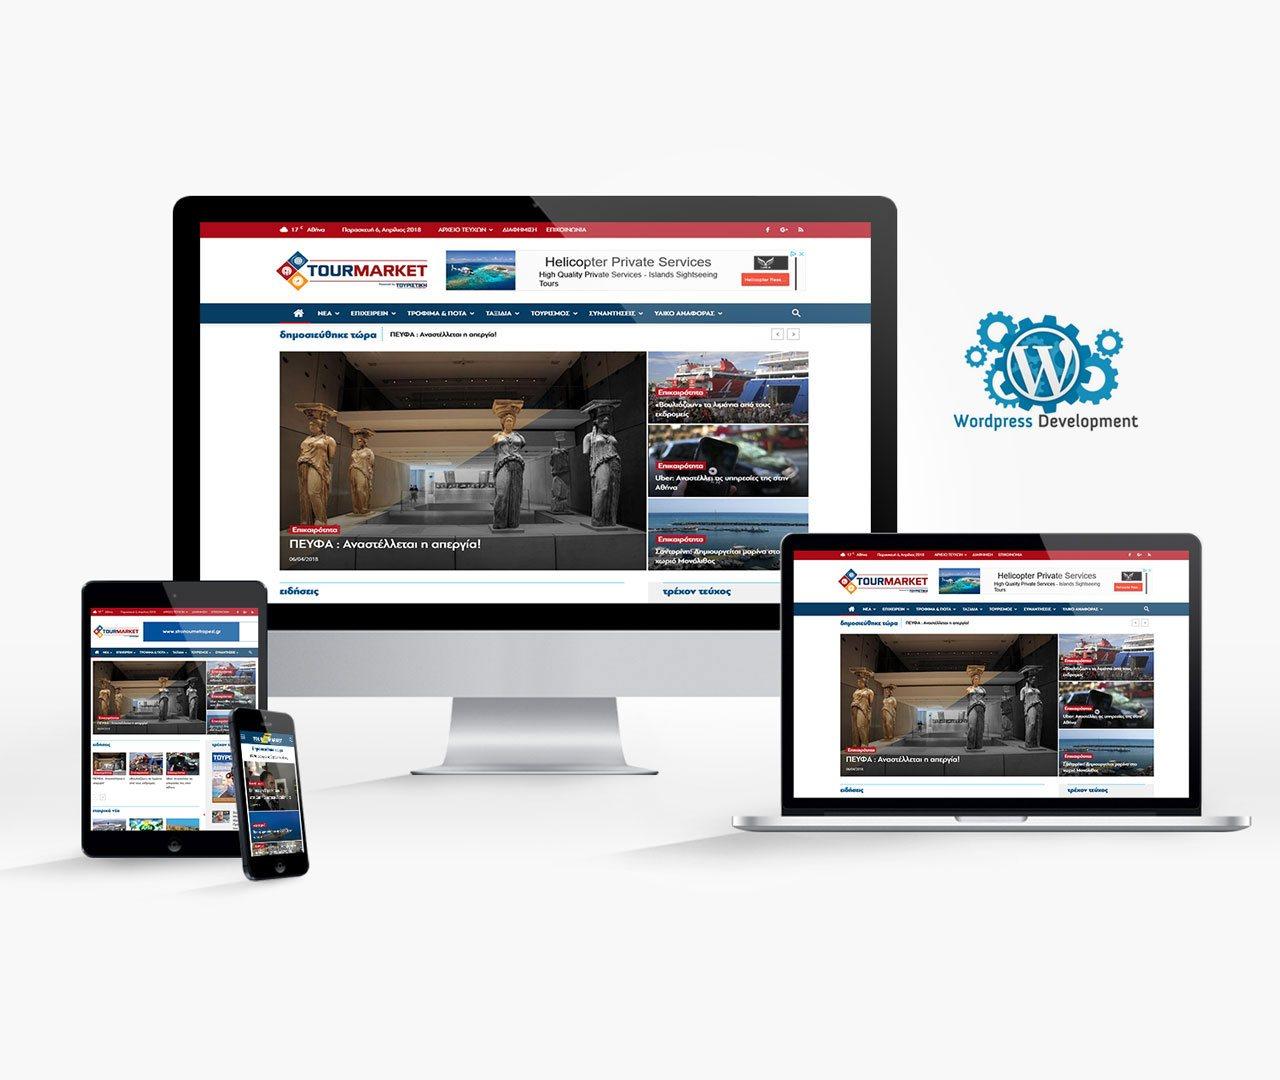 Tour-market Website